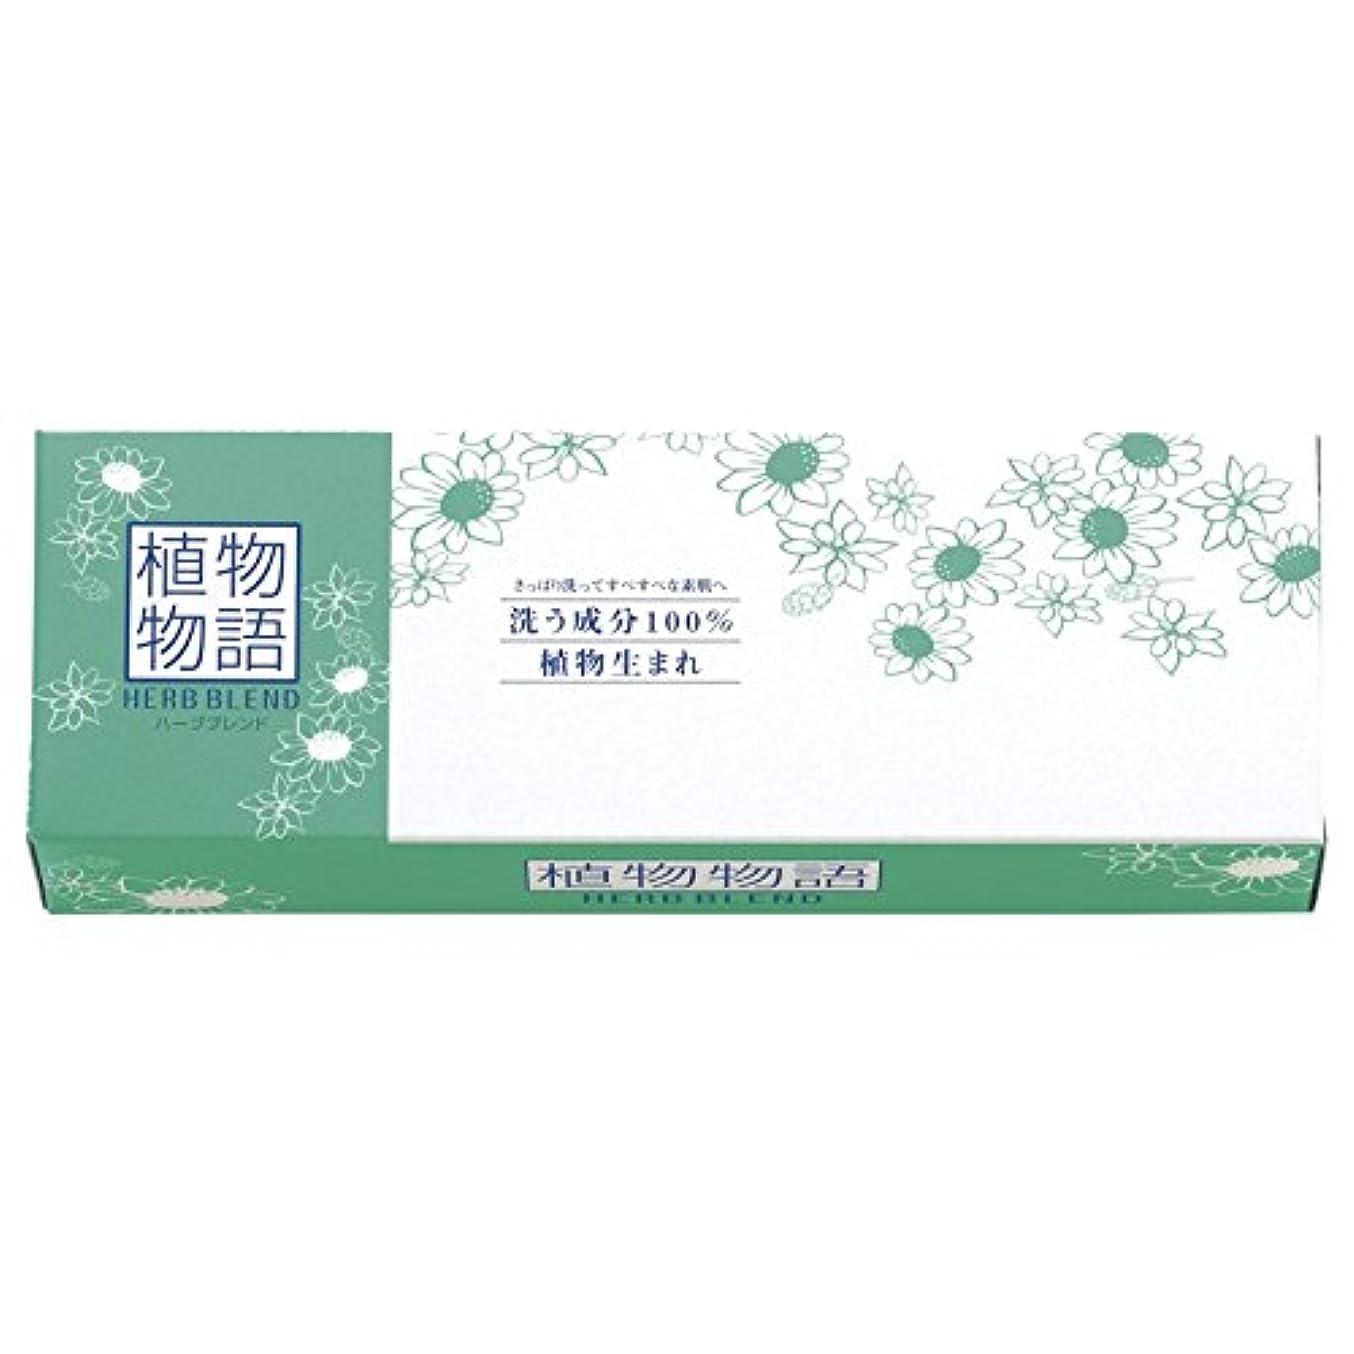 効果的にやさしくポーターライオン 植物物語ハーブブレンド化粧石鹸2個箱 KST802 【粗品 天然素材 ハーブ 2個 固形石鹸 からだ用 ハーブ 優しい お風呂 こども やさしい 石けん せっけん】